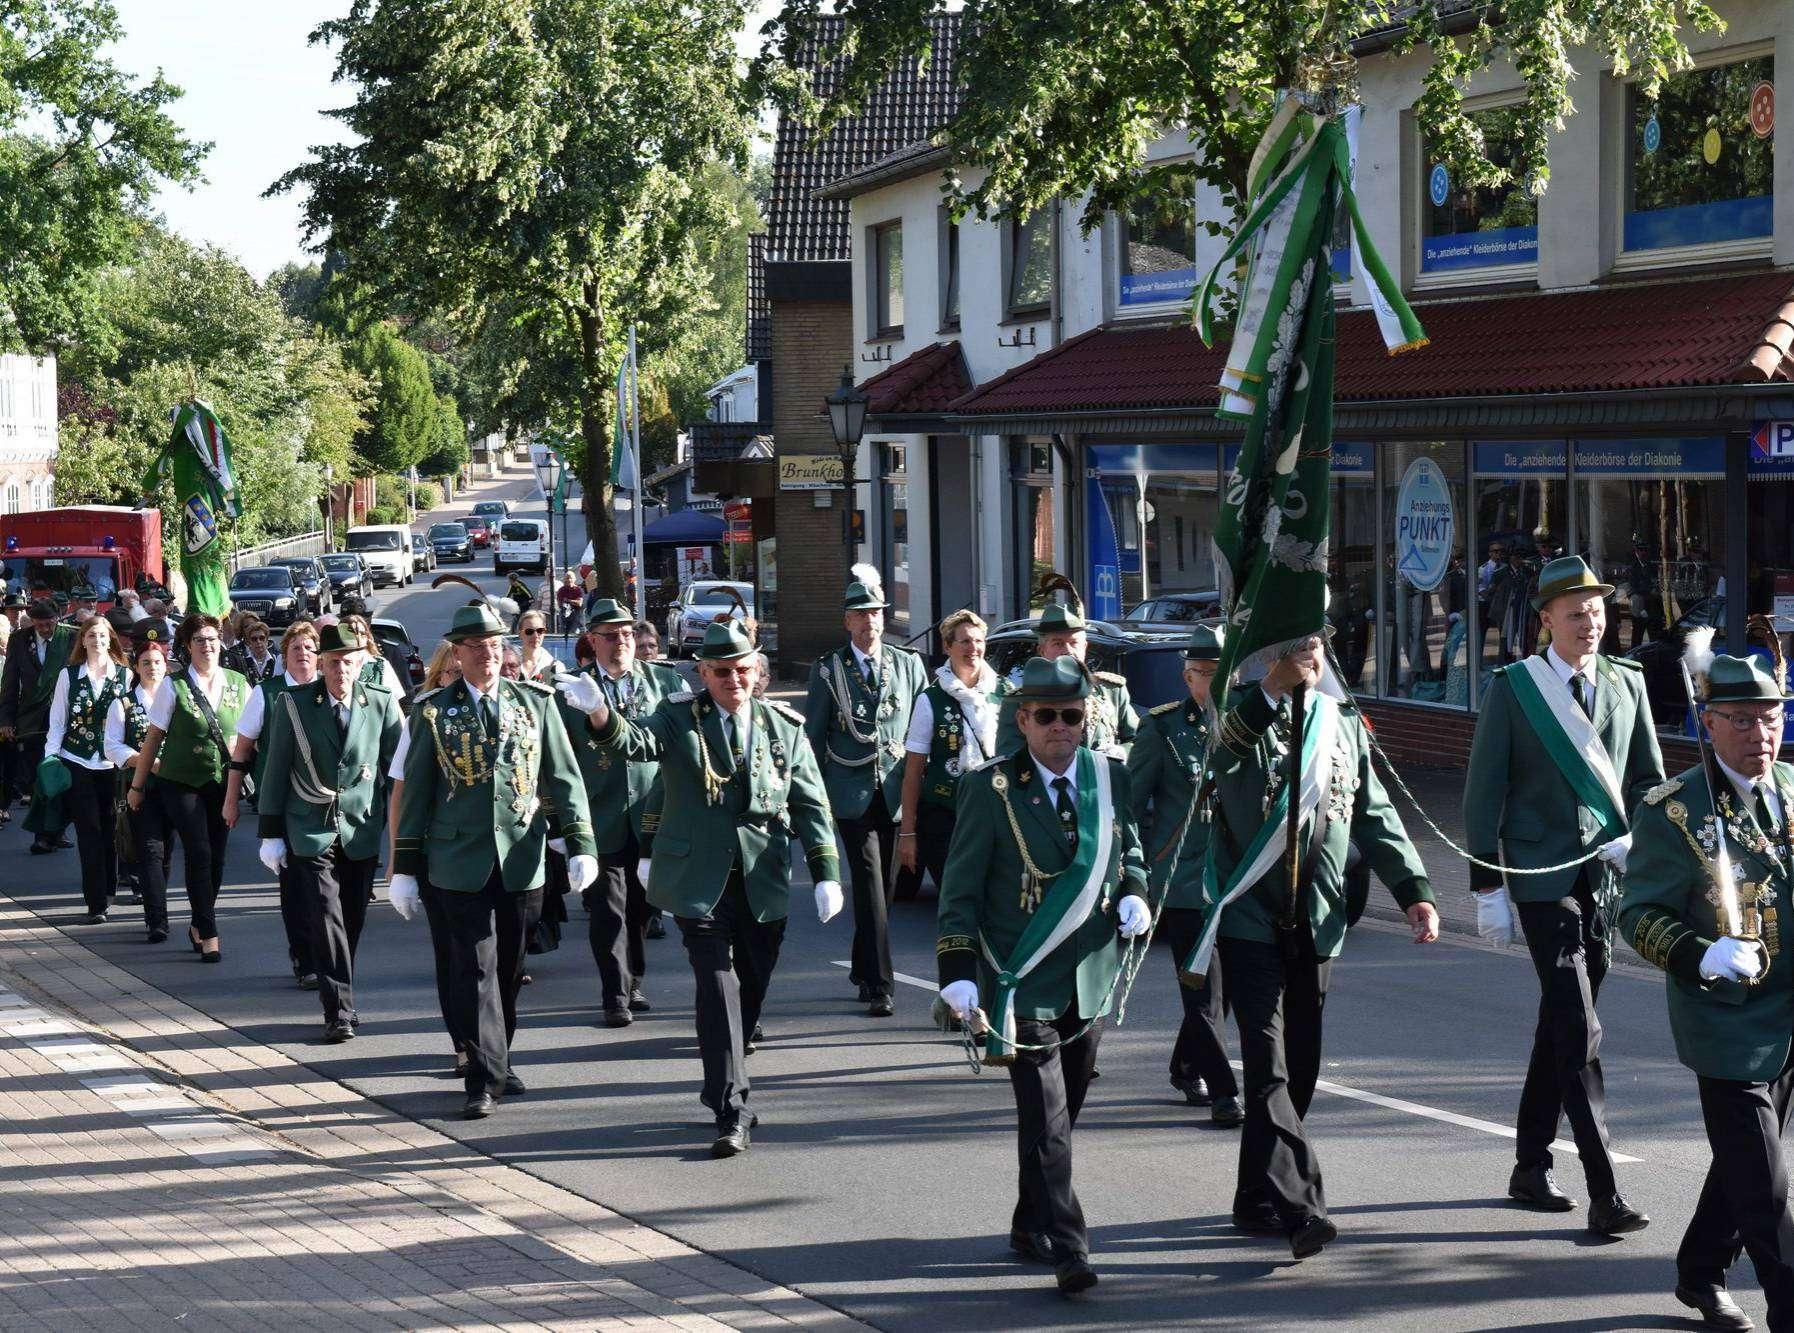 Die Schützen marschieren am Samstag durch das festlich geschmückte Dorf. Fotos: Heidrun Meyer